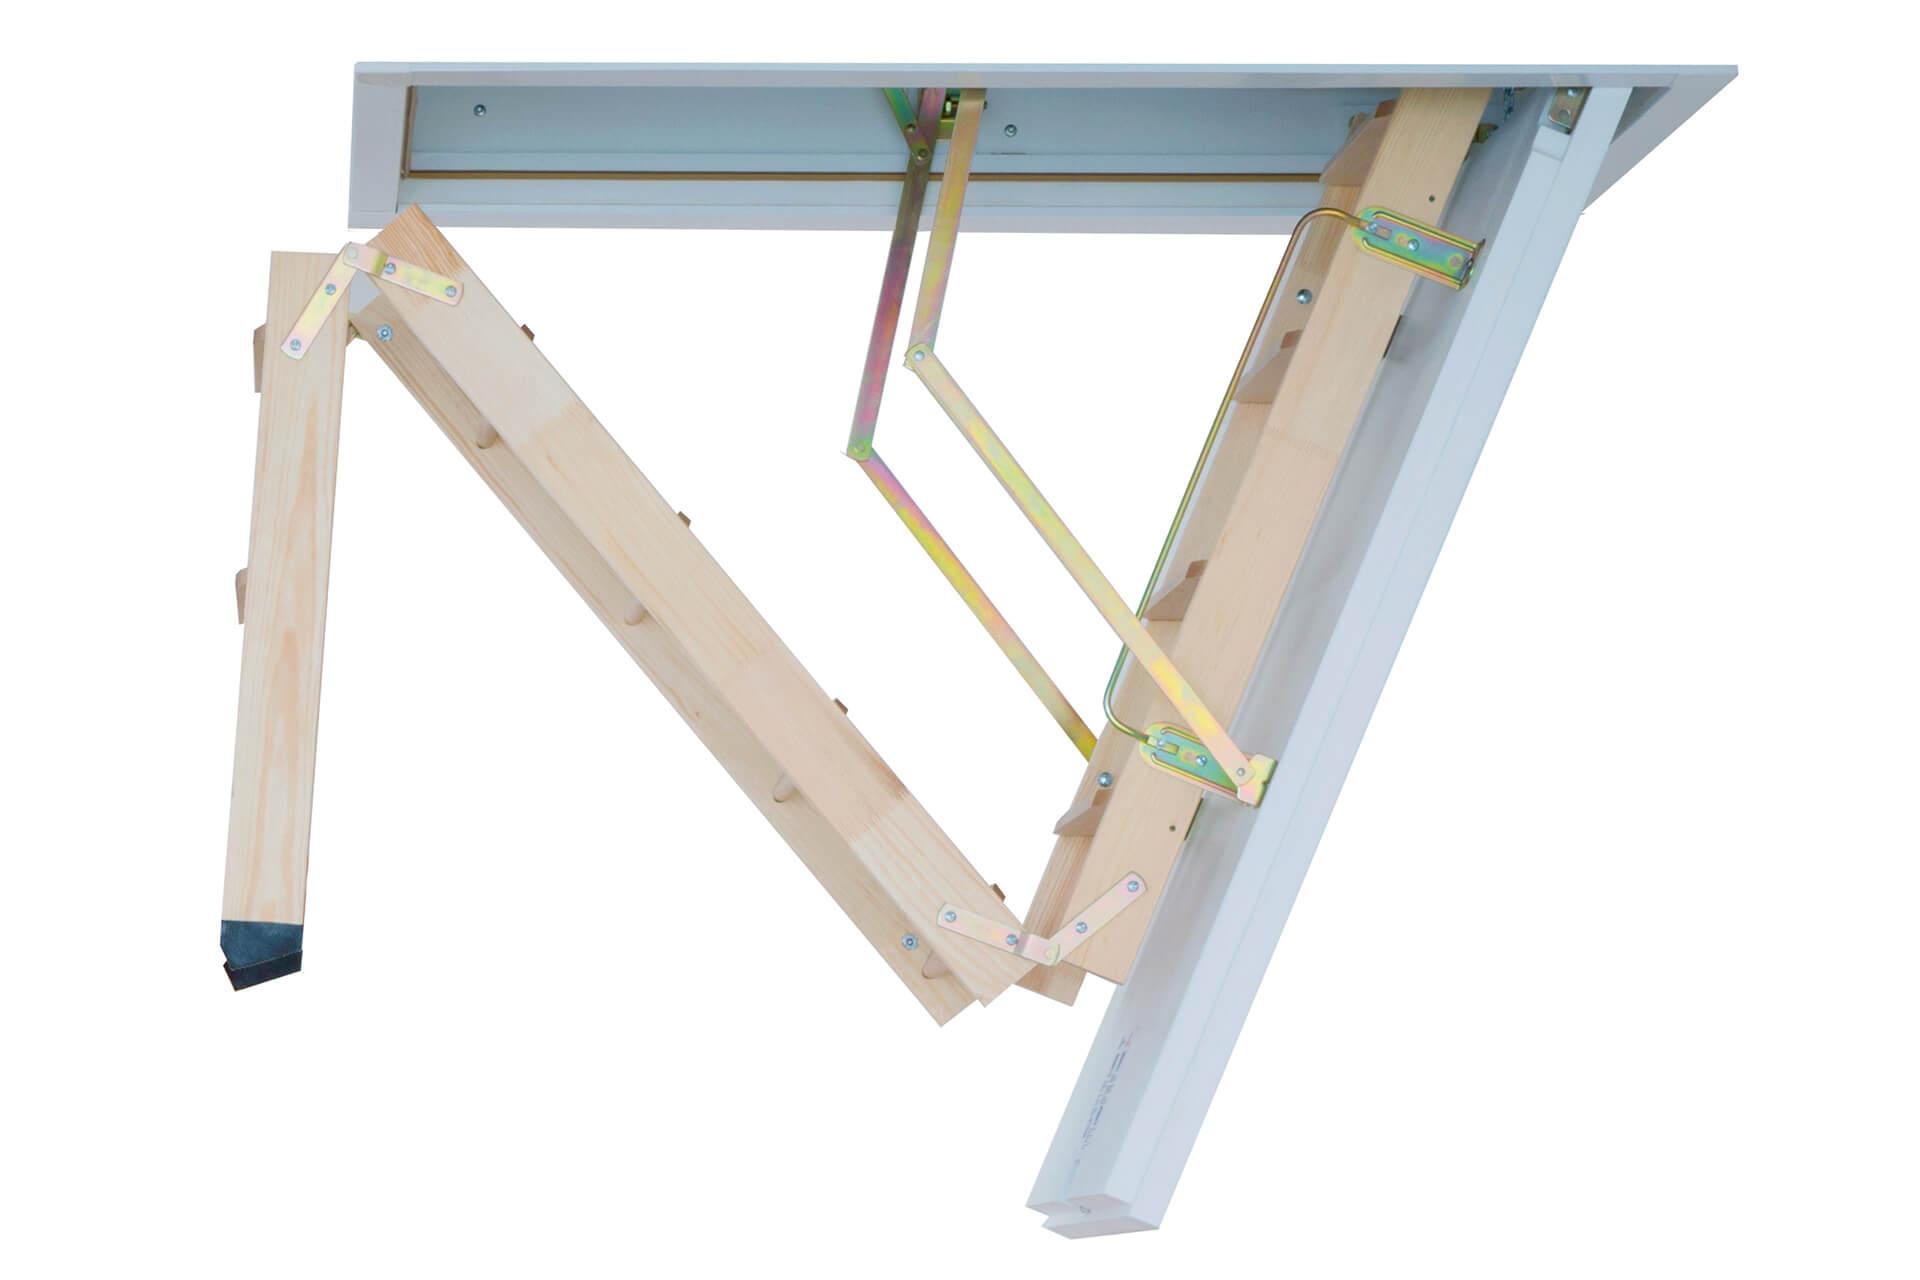 wooden loft ladder and hatch premier loft ladders. Black Bedroom Furniture Sets. Home Design Ideas